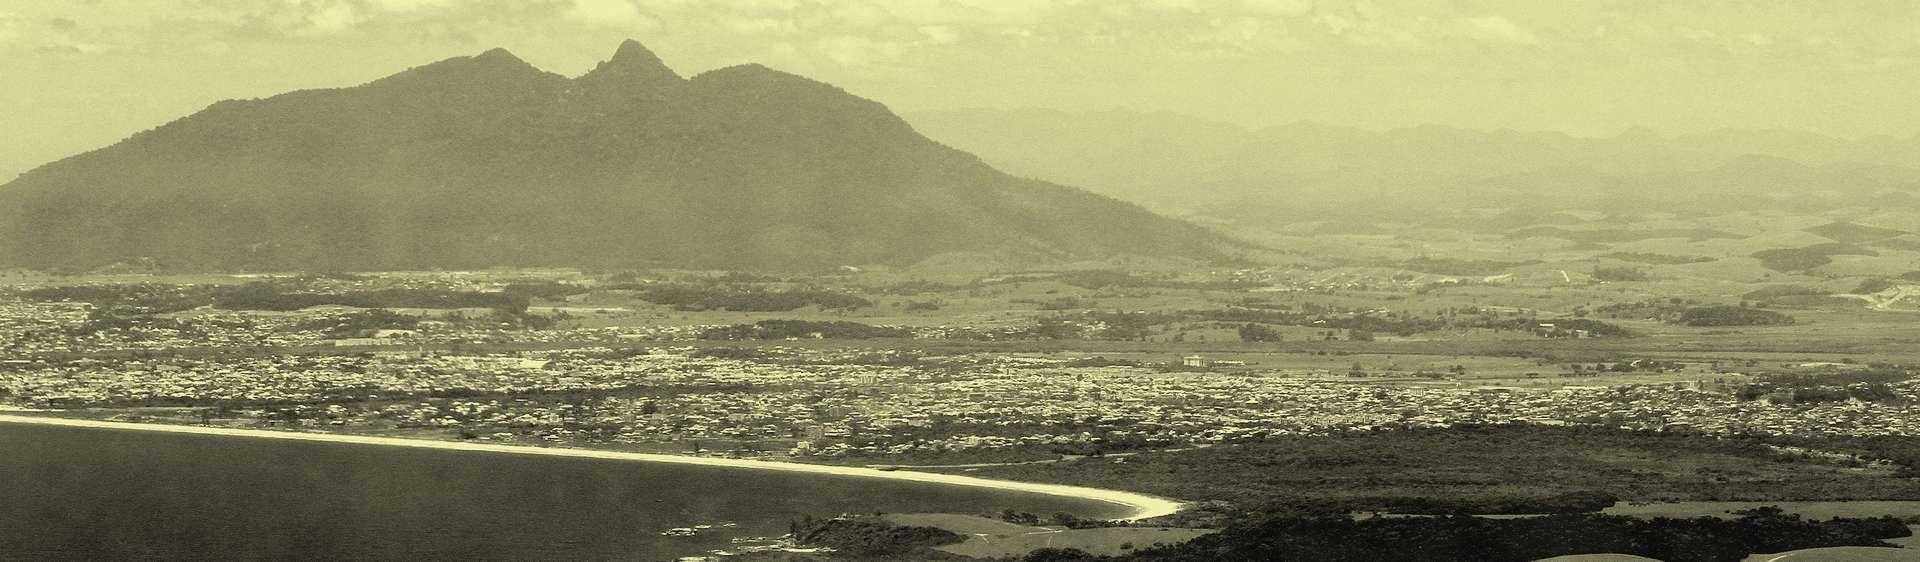 Foto aérea de Rio das Ostras